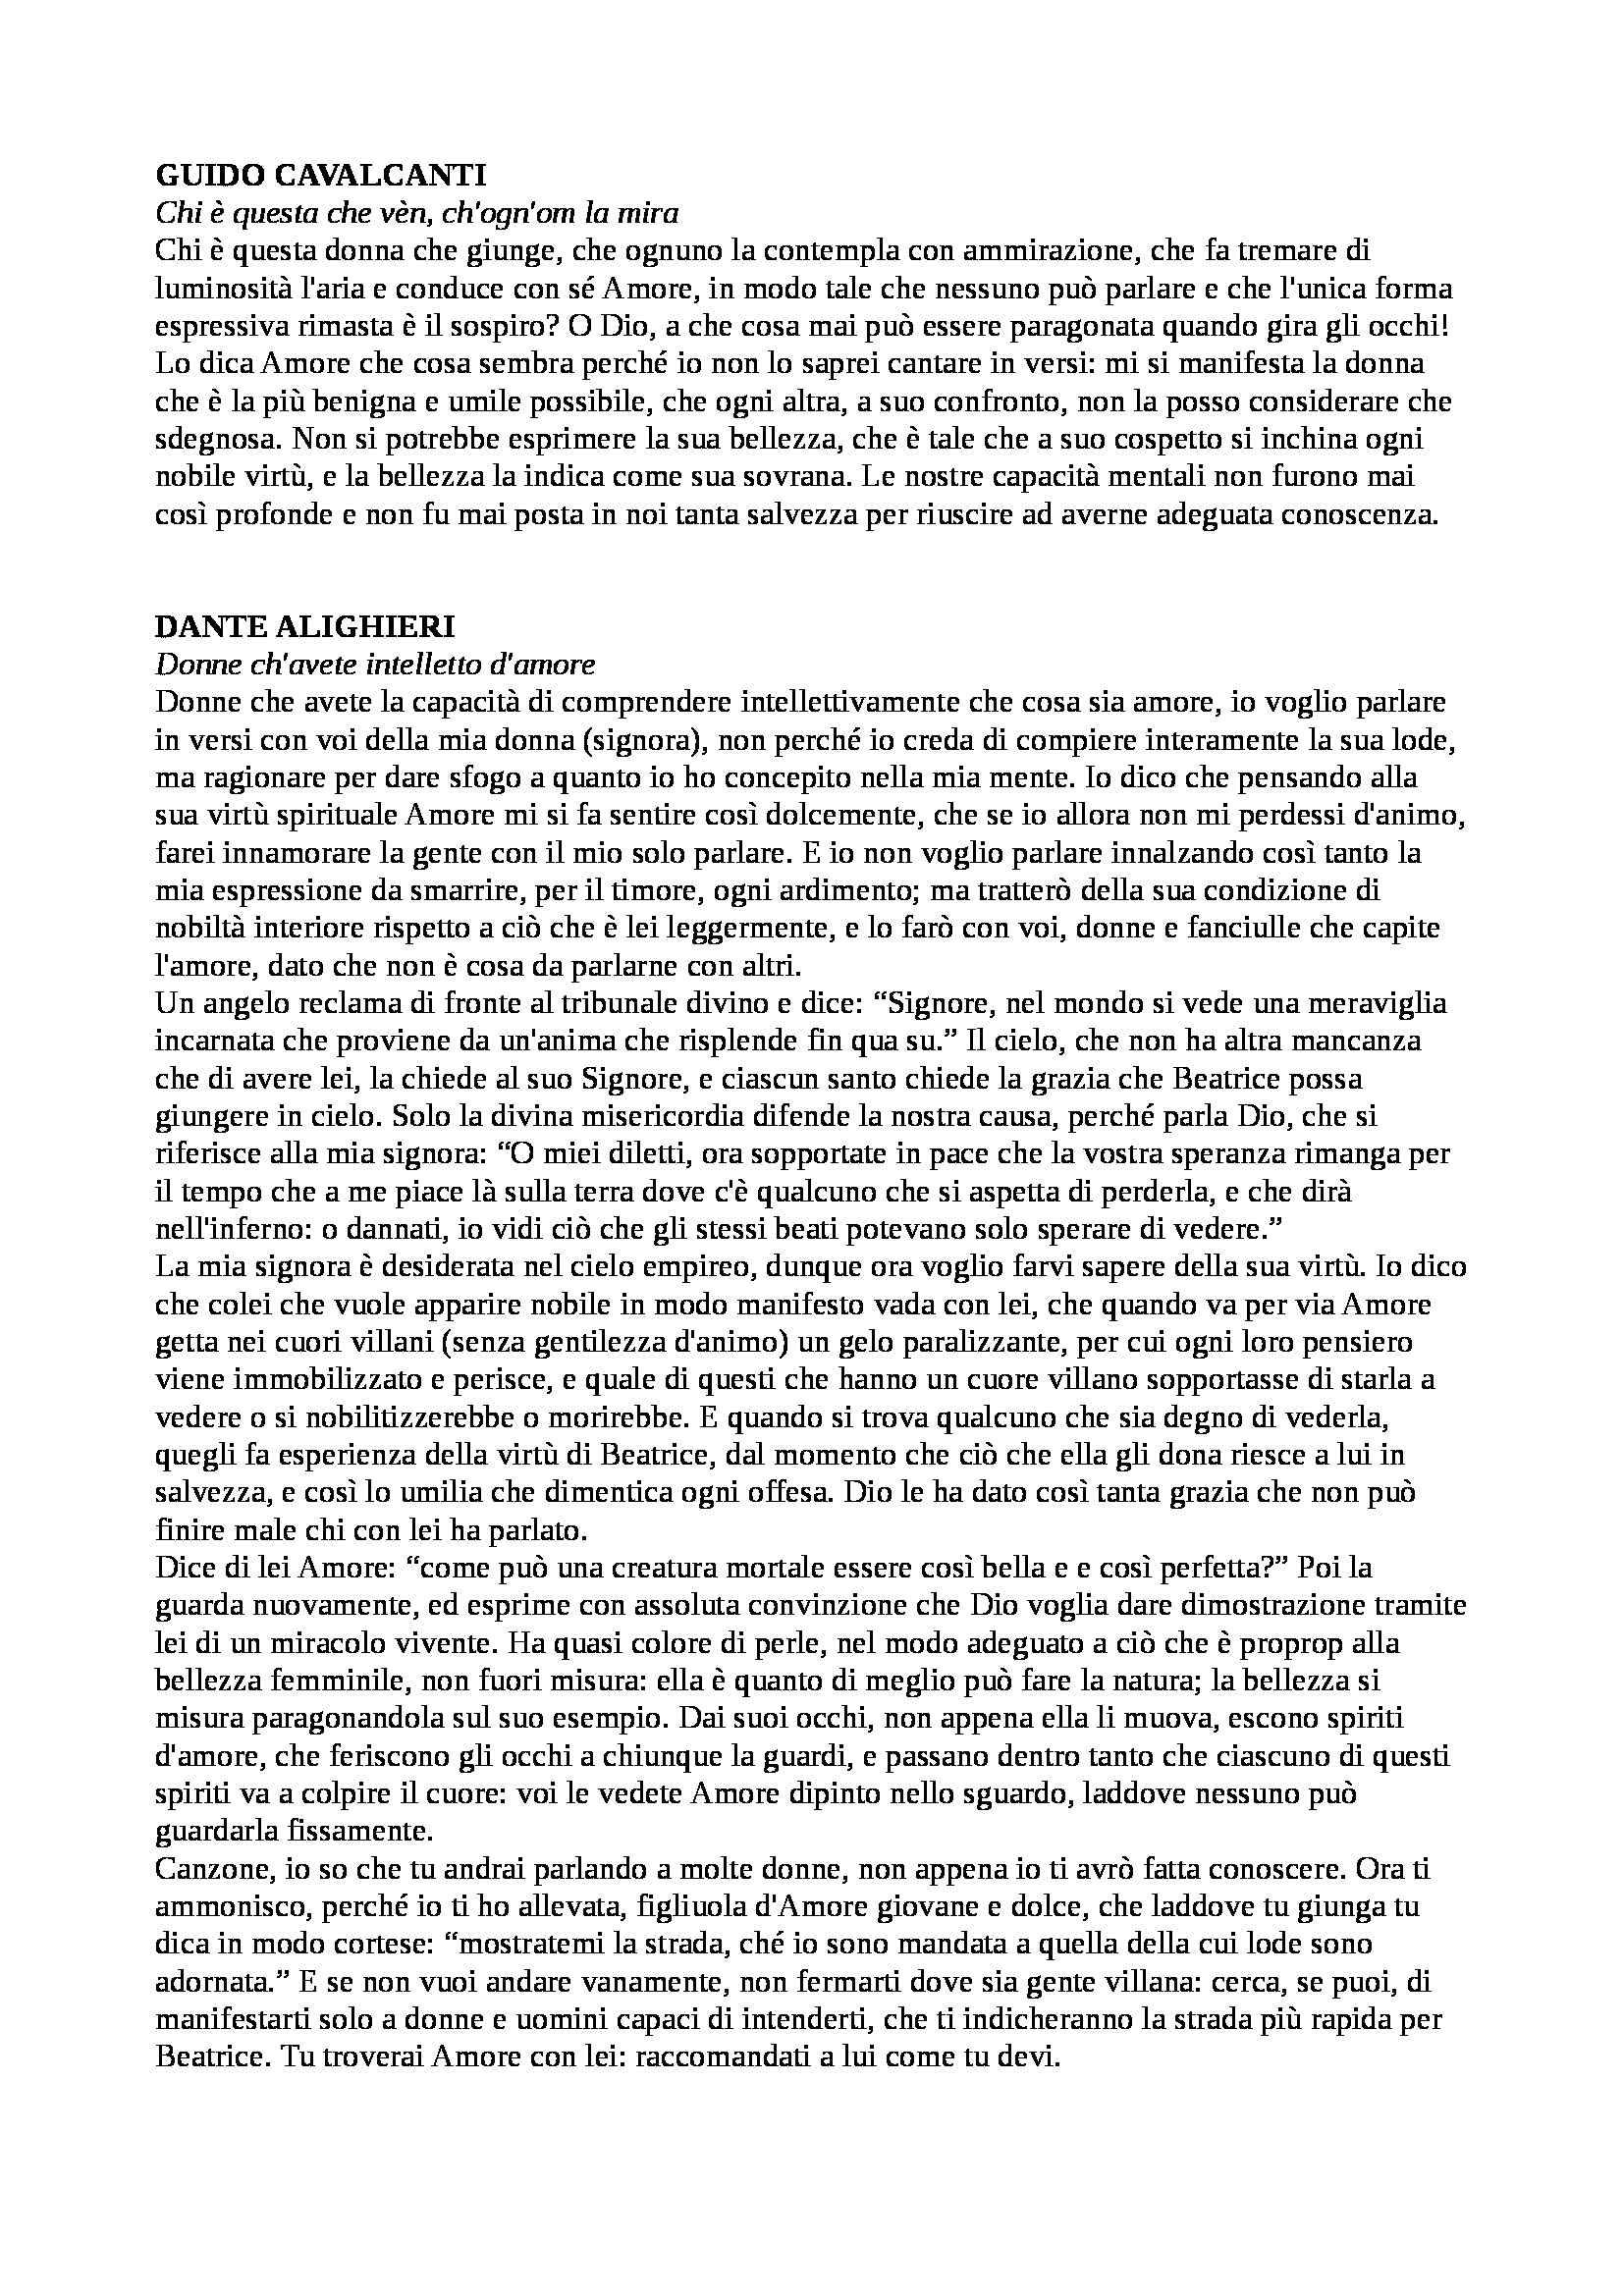 Letteratura italiana - Appunti